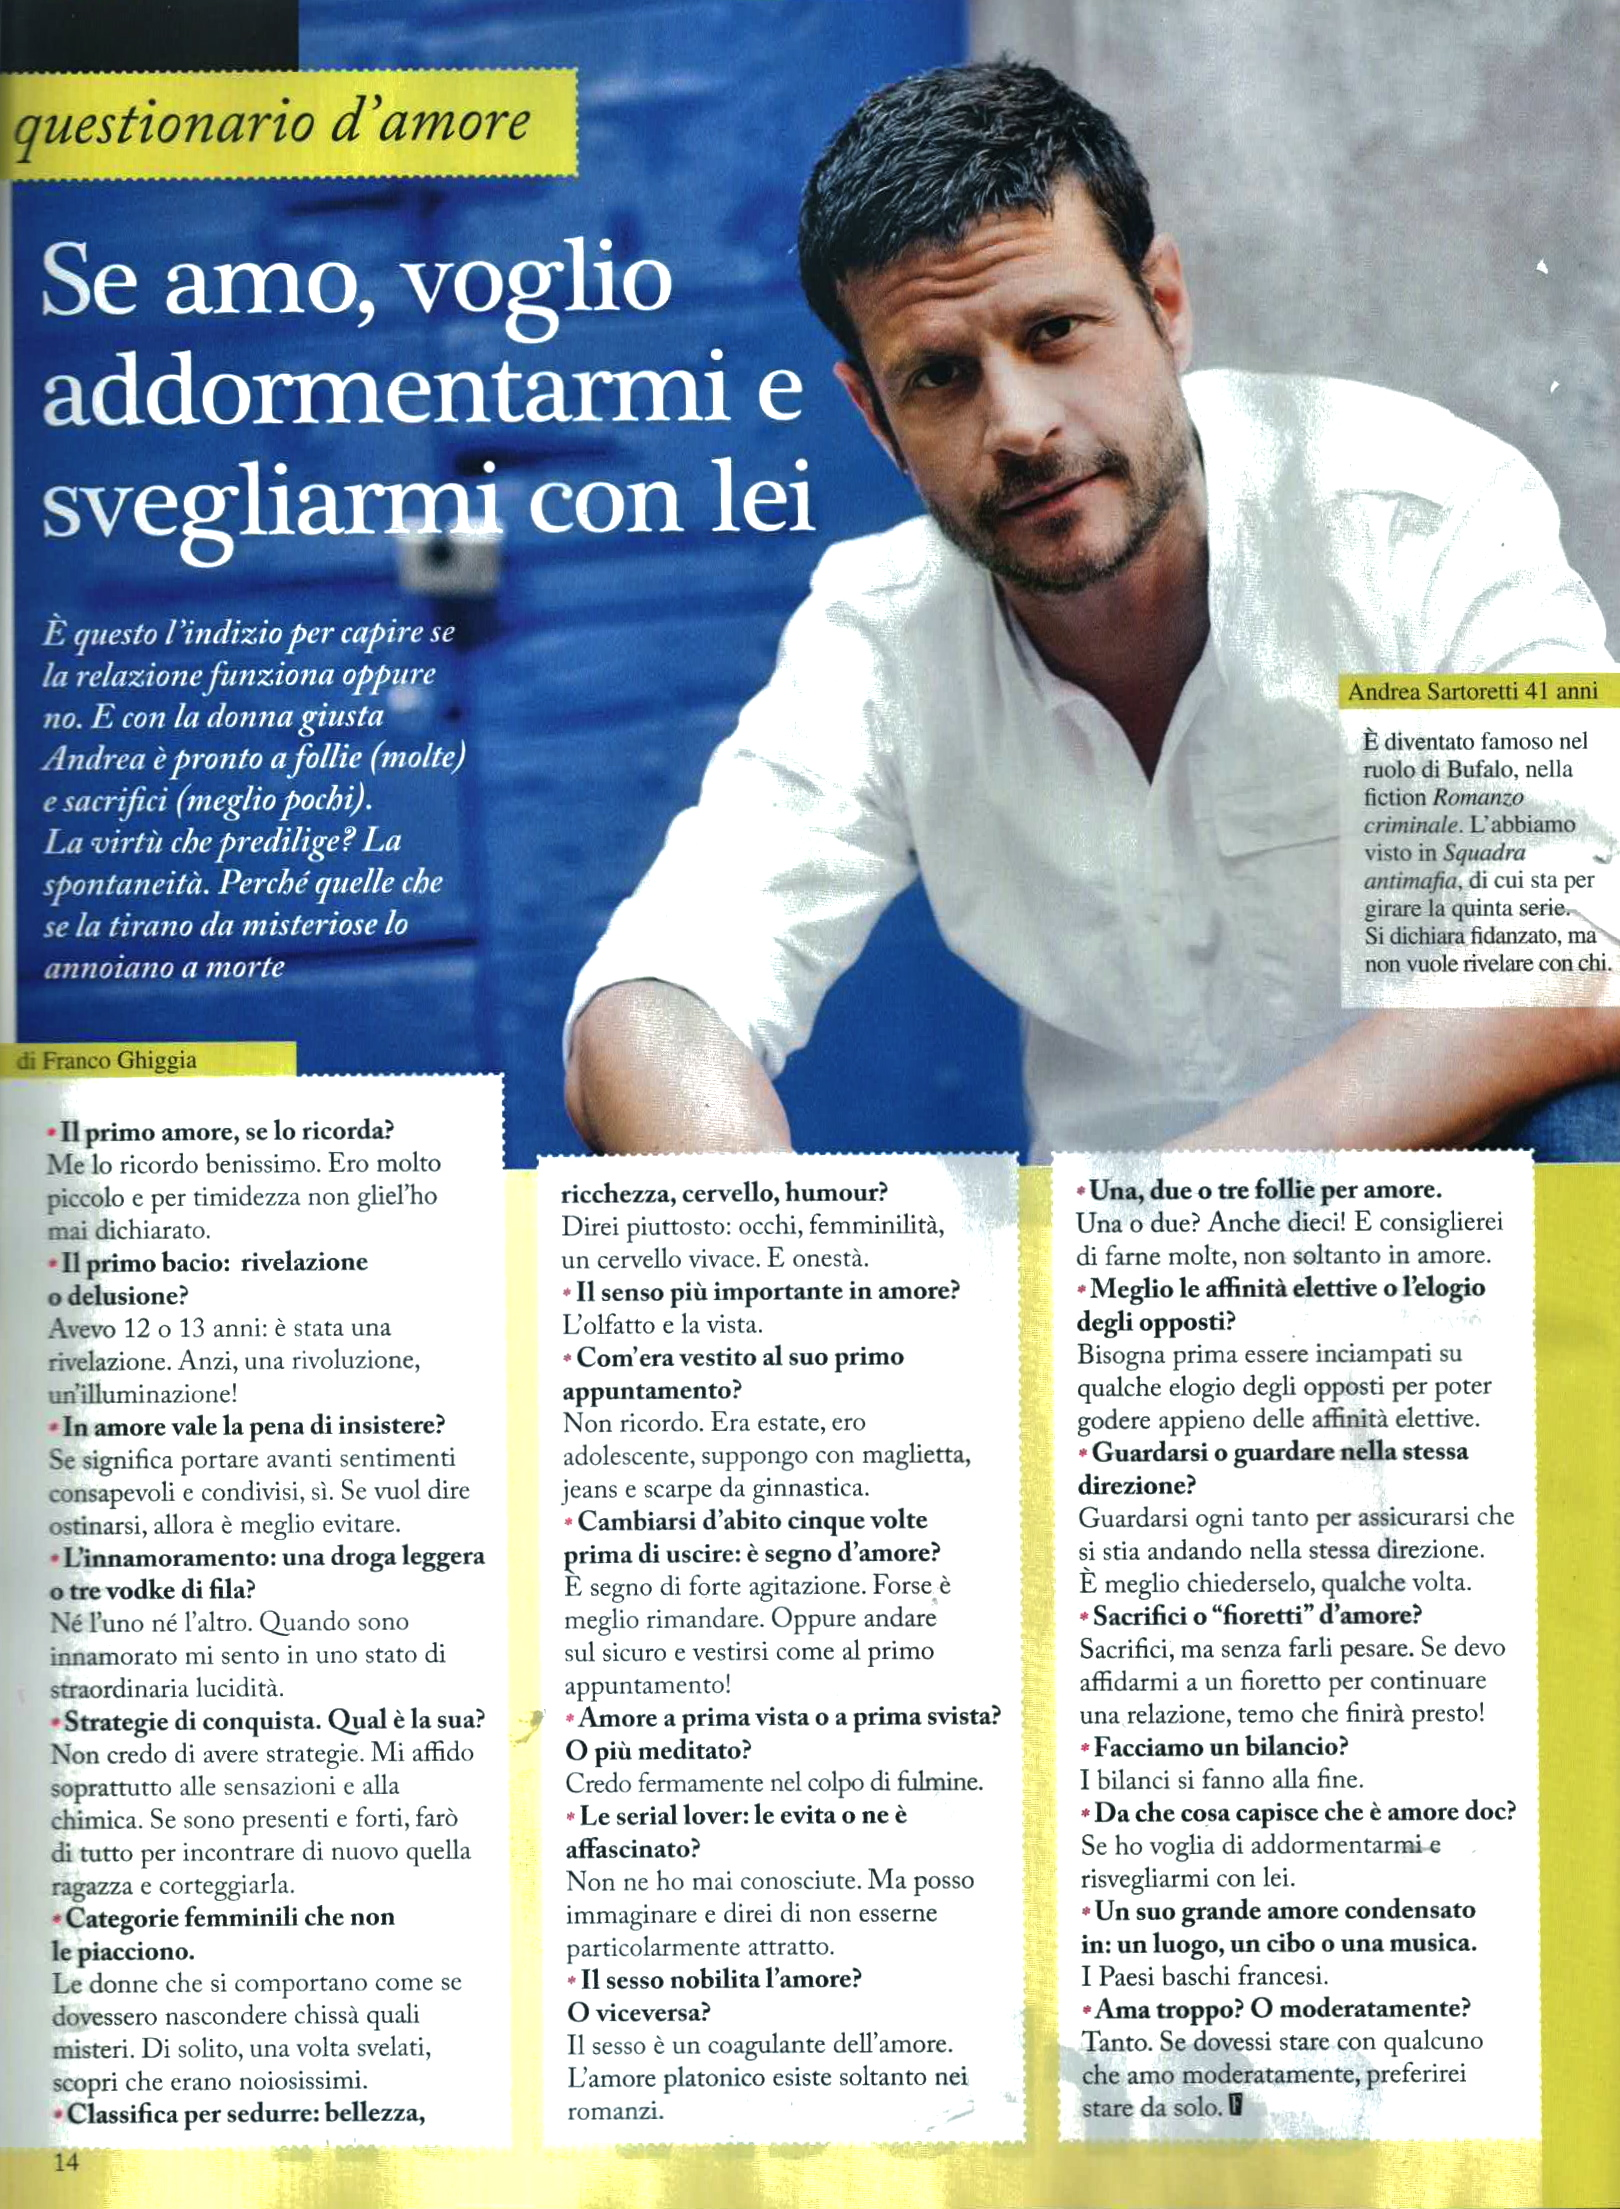 Andrea Sartoretti F